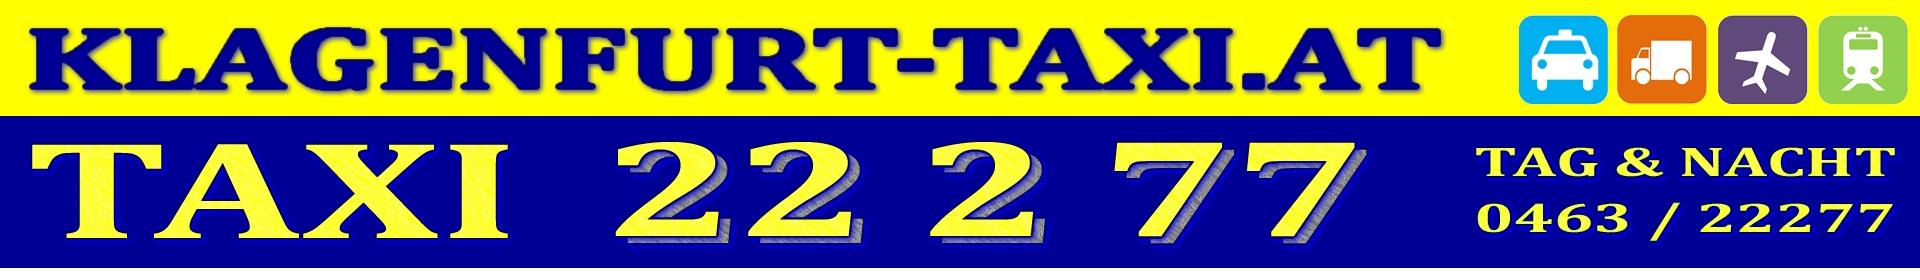 Taxi Klagenfurt, Taxi Egger 22277